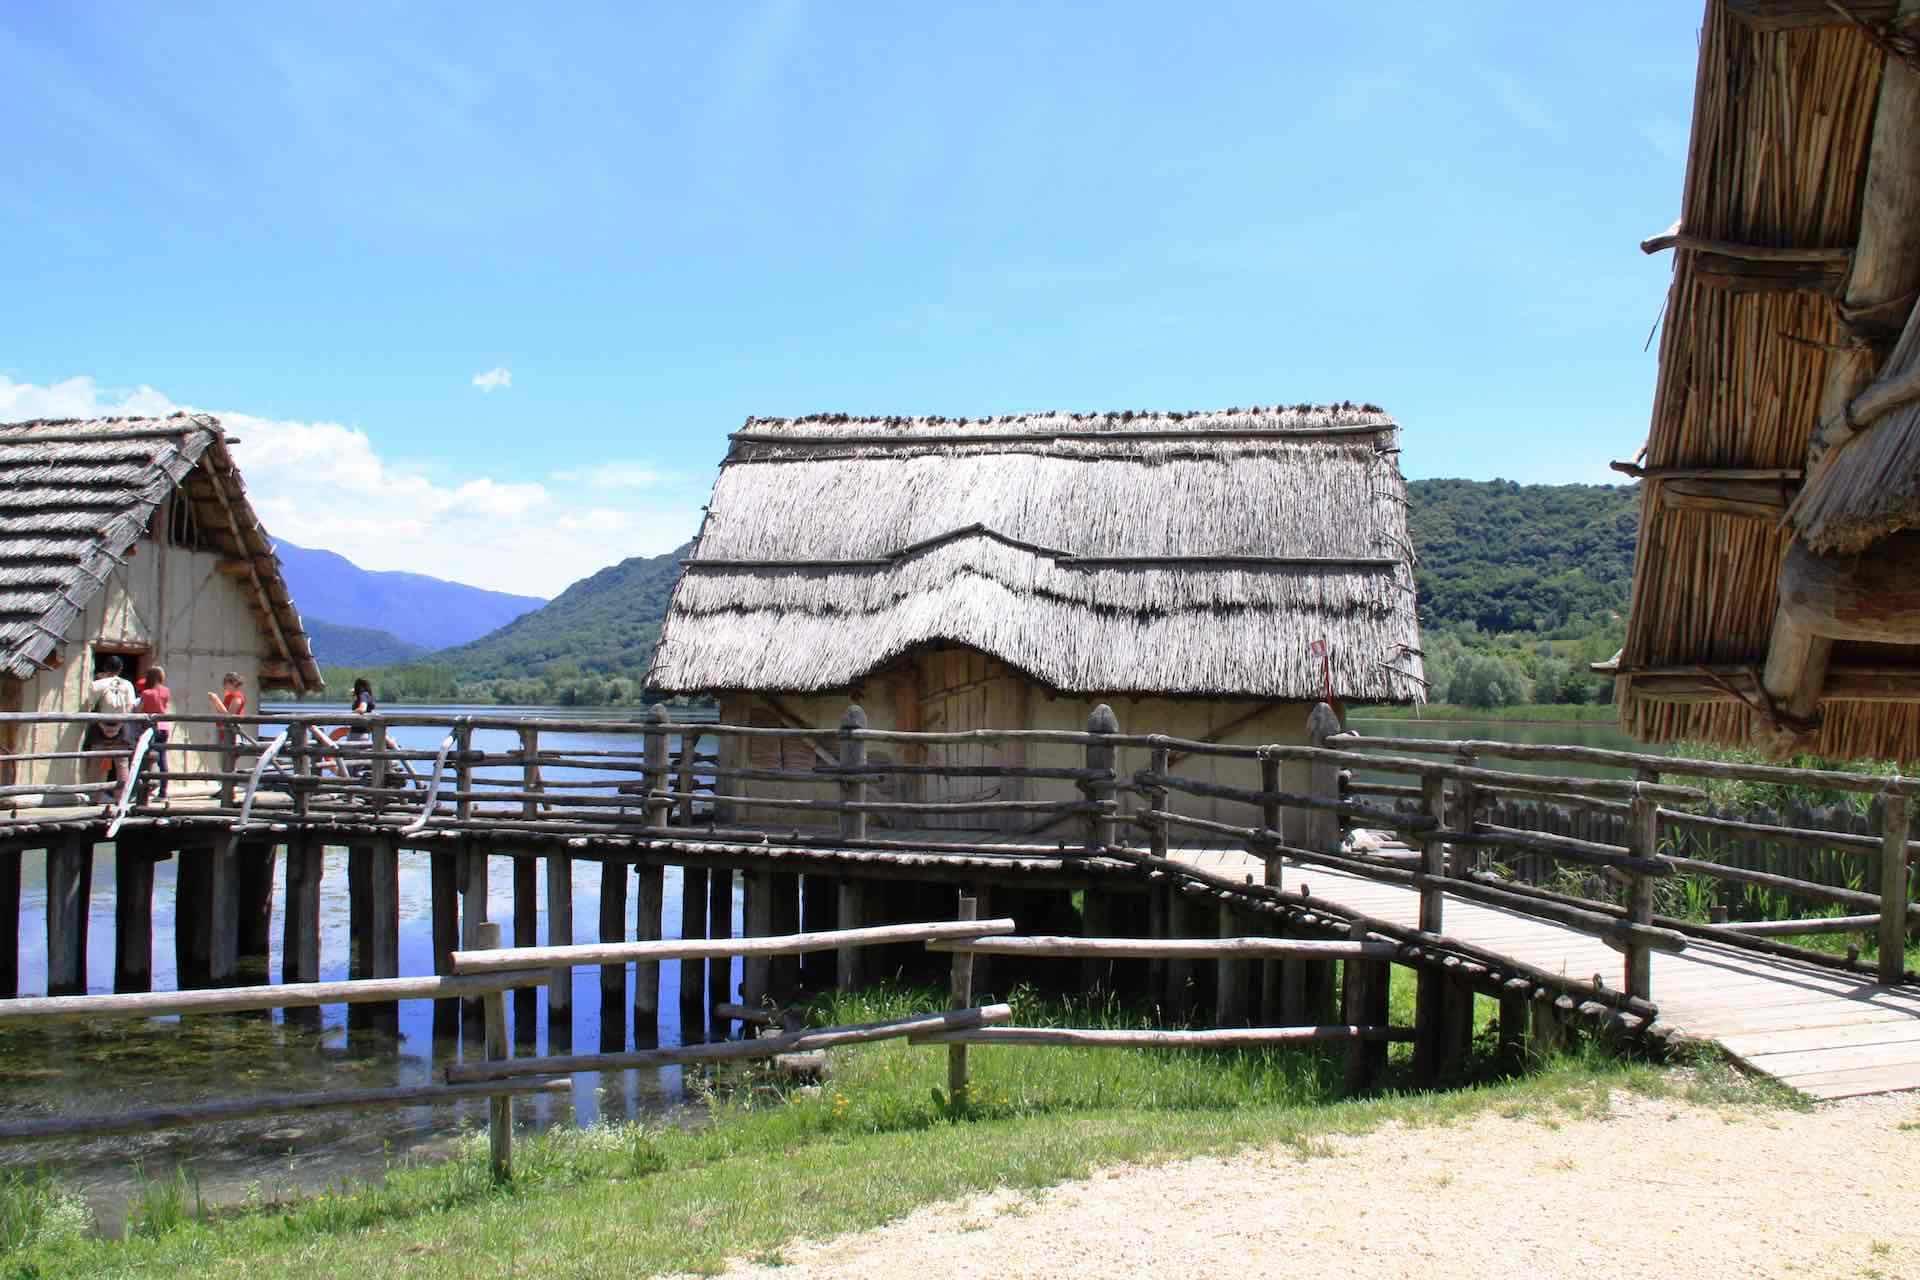 Da visitare durante la vacanza in Treviso il Parco Archeologico Didattico del Livelet a ridosso delle Prealpi Trevigiane